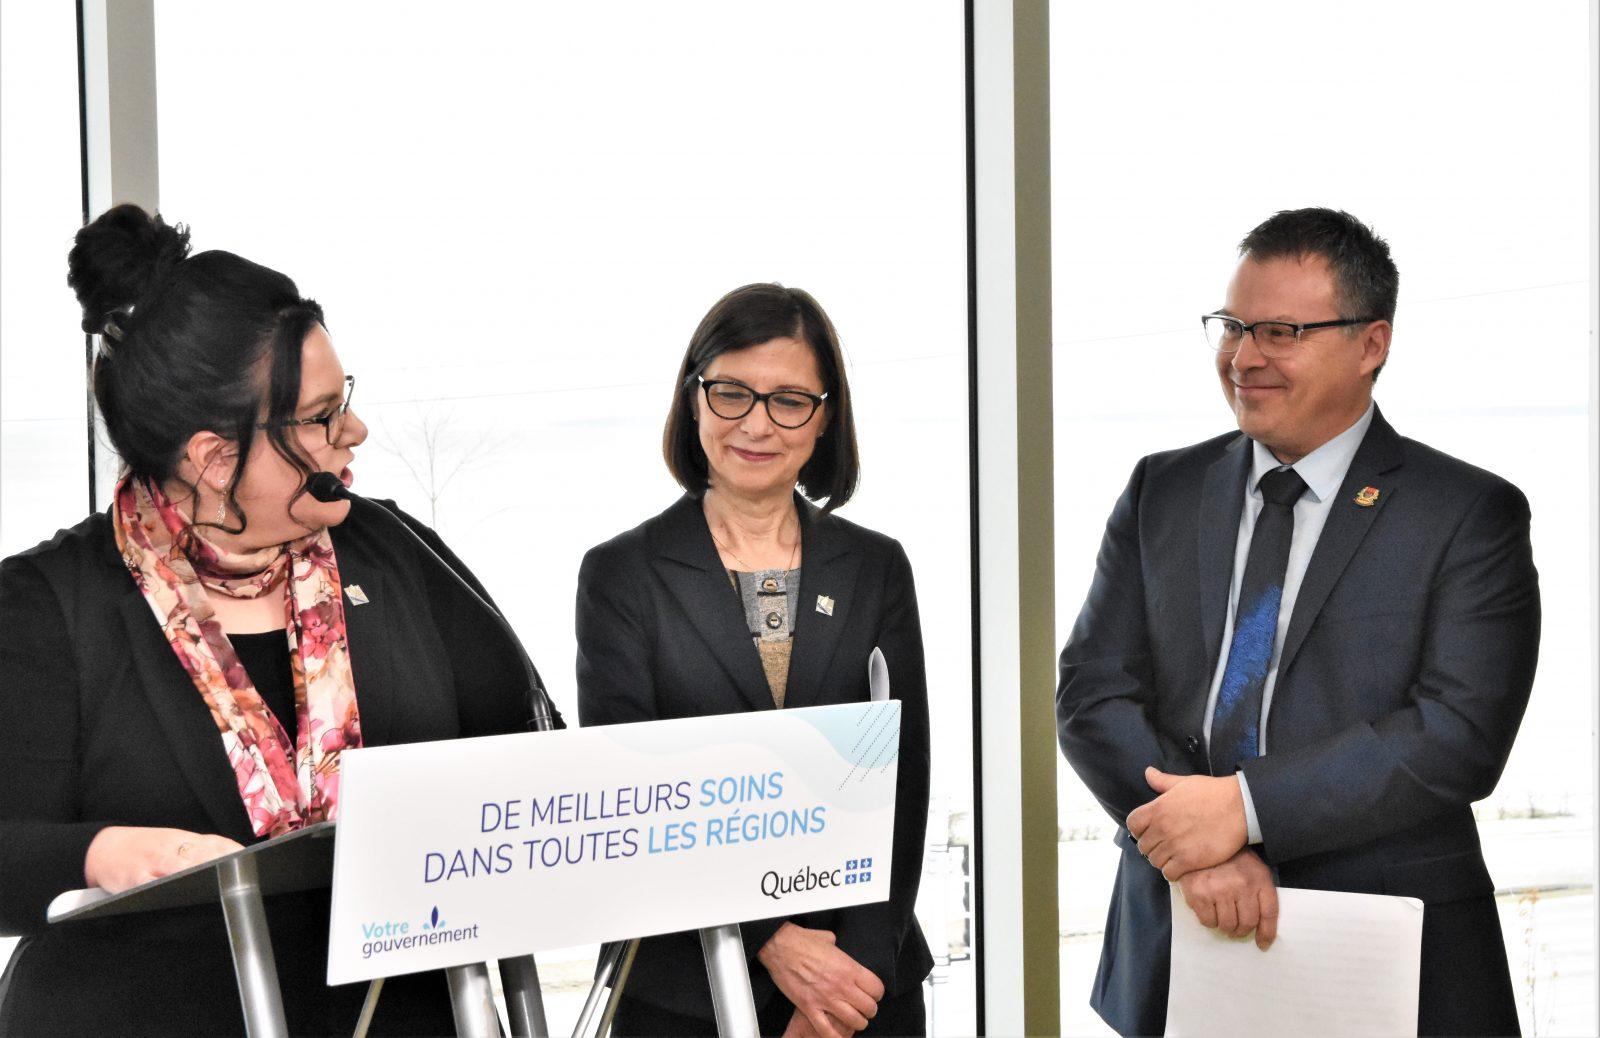 La MRC de Charlevoix-Est mise sur ces neuf projets pour relancer la région